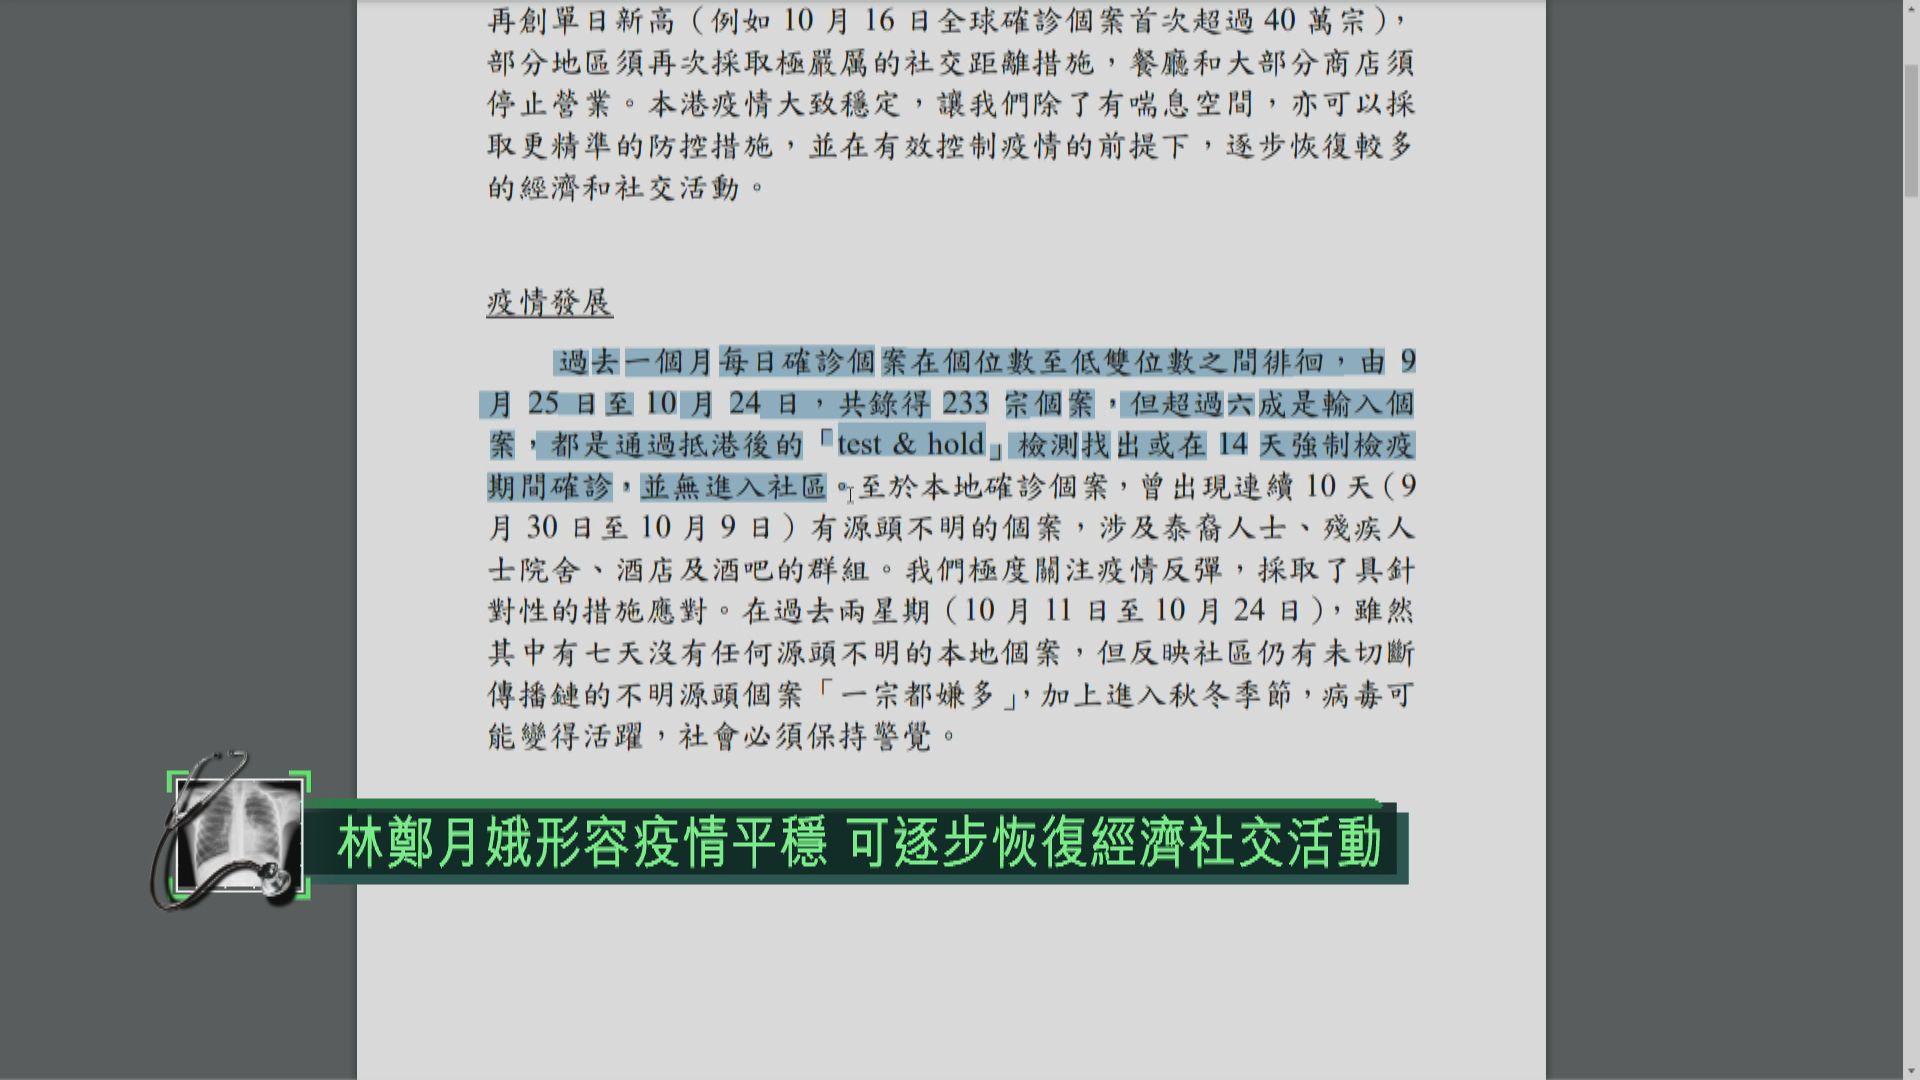 林鄭月娥形容疫情平穩 可逐步恢復經濟社交活動